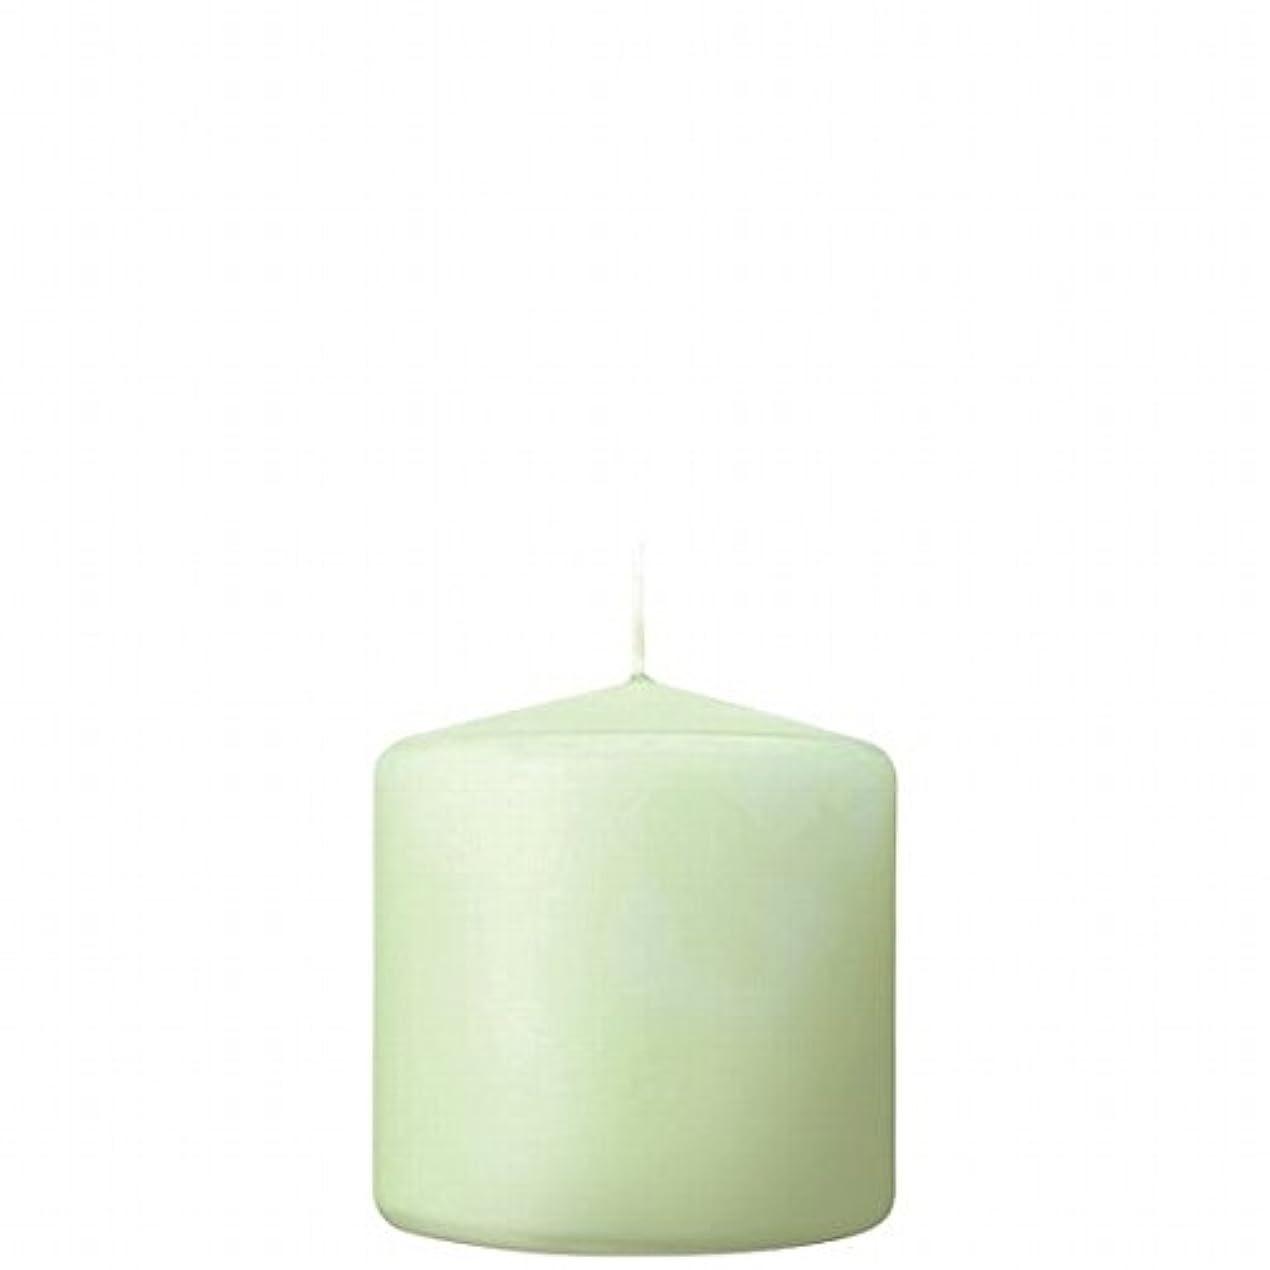 偏差嵐のテメリティカメヤマキャンドル( kameyama candle ) 3×3ベルトップピラーキャンドル 「 ホワイトグリーン 」